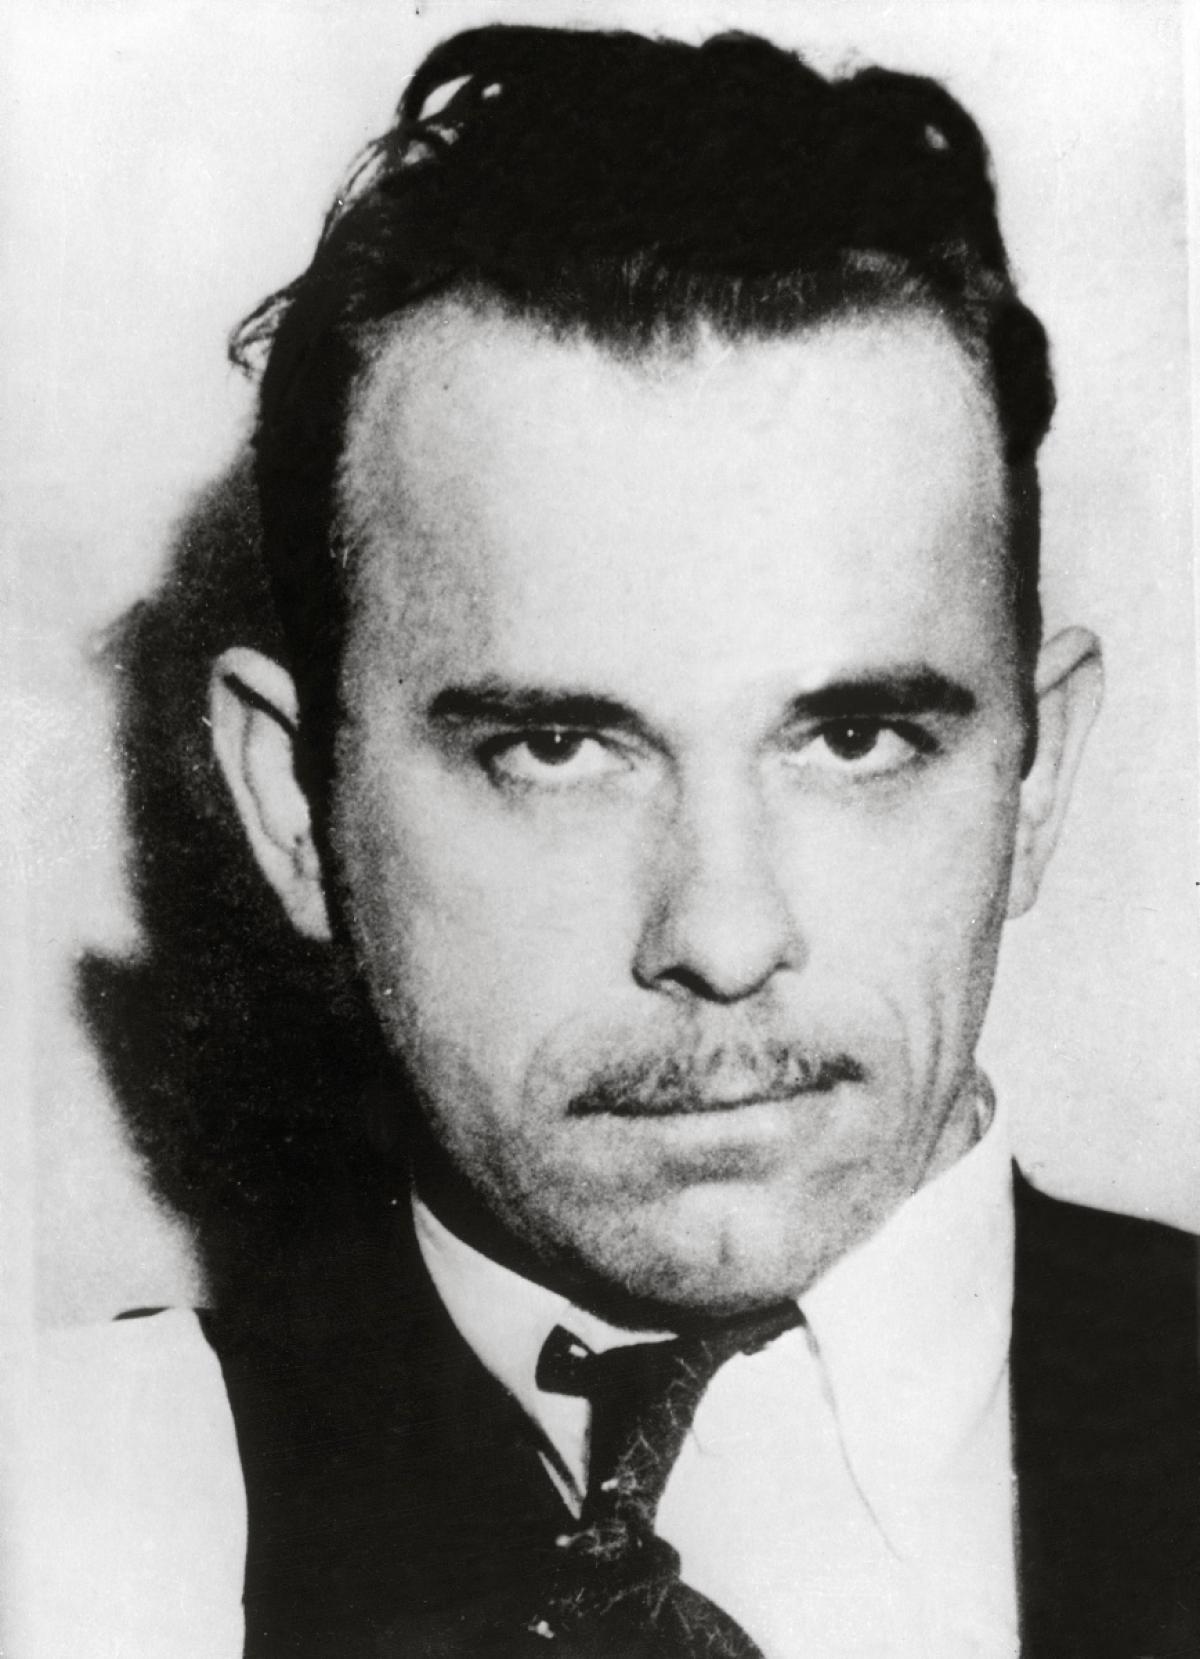 John Dillinger, Amerikanın ünlü gangsteri (DY-1903) tarihte bugün